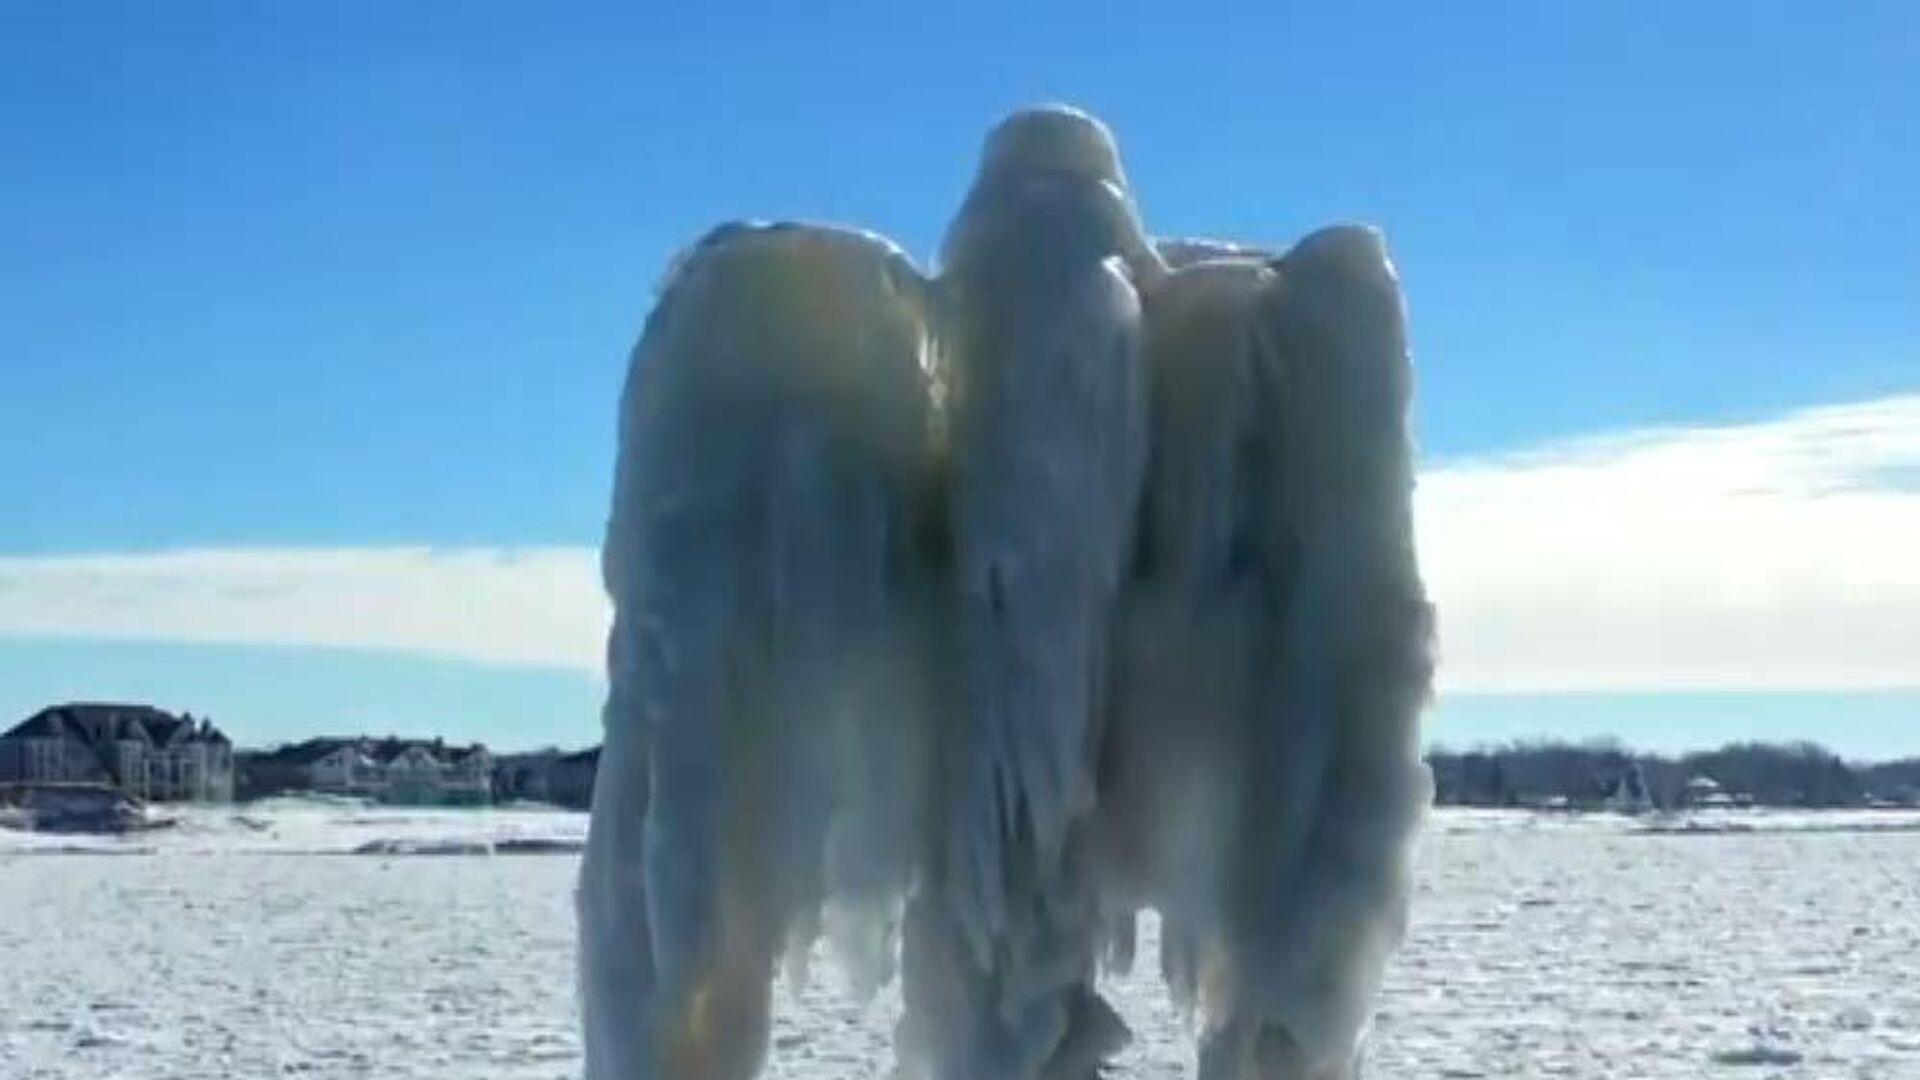 Un misterioso 'ángel' surge a orillas del lago Michigan - Sputnik Mundo, 1920, 27.02.2021